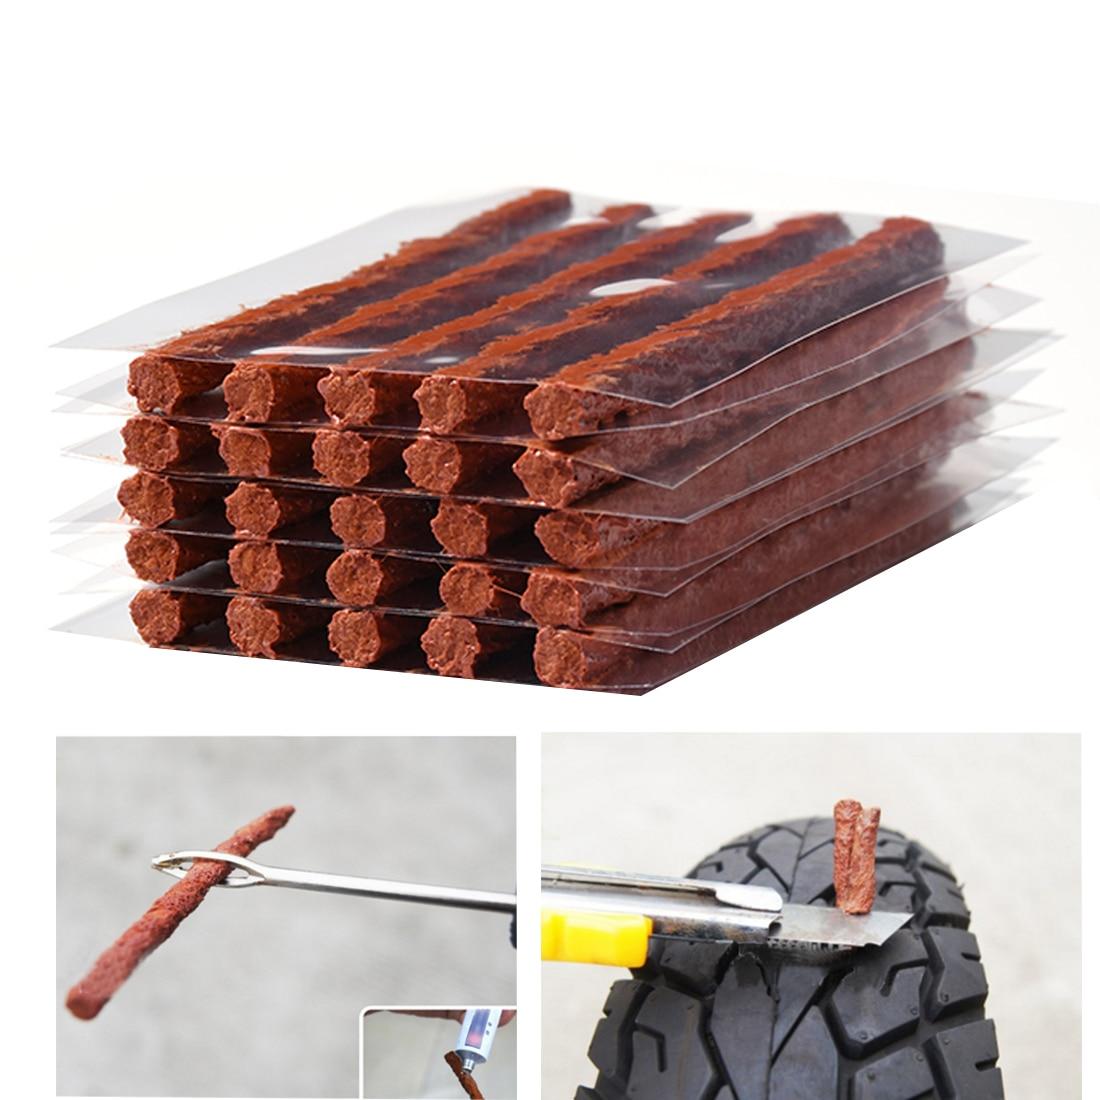 25 шт. без каблука шины Подключите прокол шины строки авто для ремонта шин резиновая прокладка 8,5 Экстра Длина Off- дороге автомобиль мотоцикл